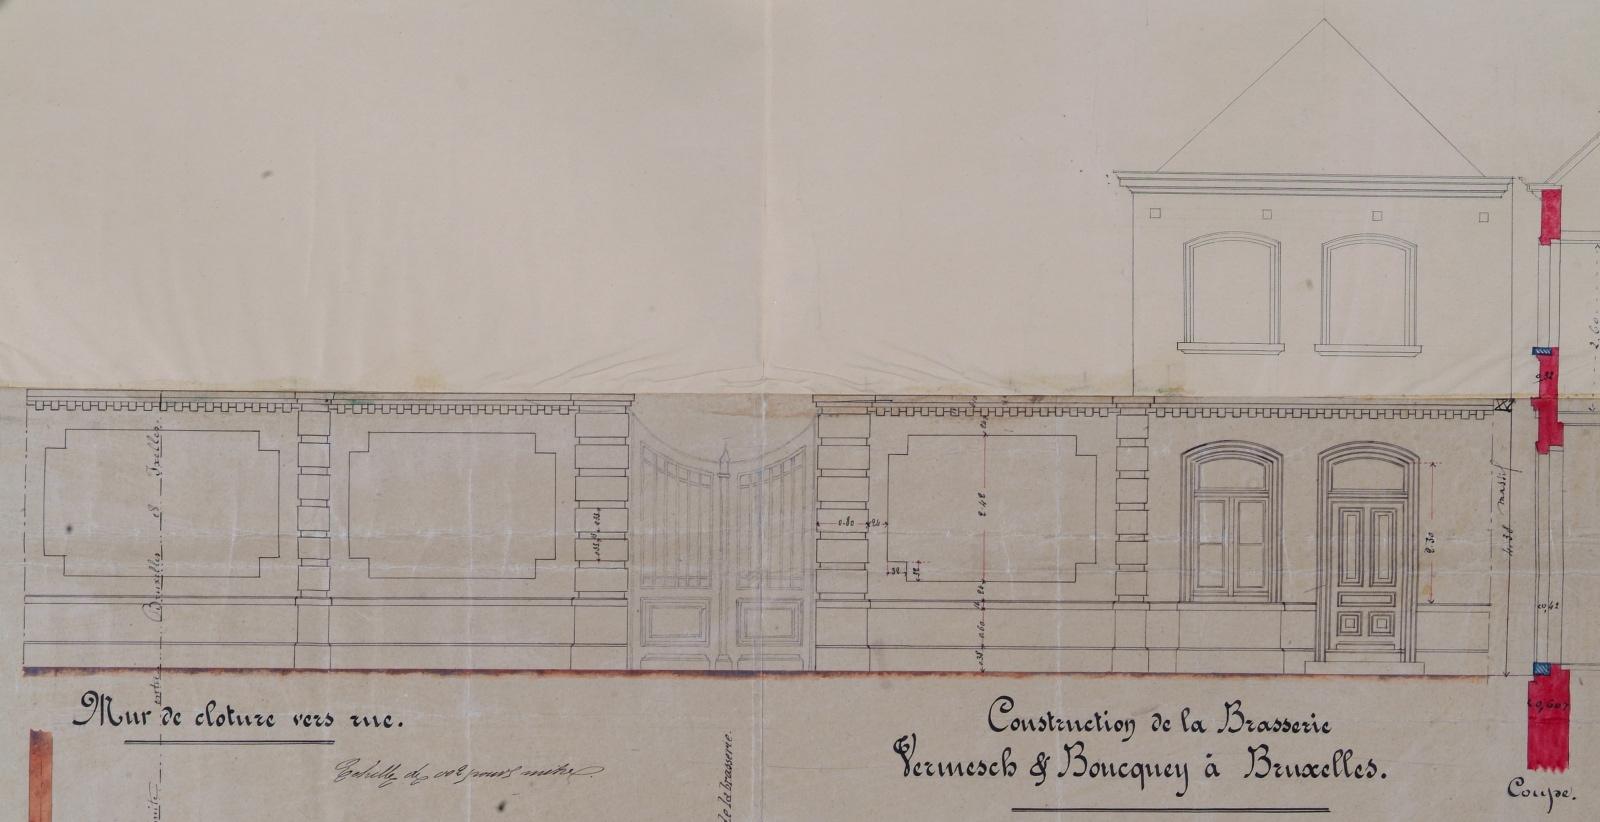 Rue de Tenbosch, Brasserie Louise, bâtiment et mur de clôture à front de rue, élévation, AVB/TP 22856 (1875).